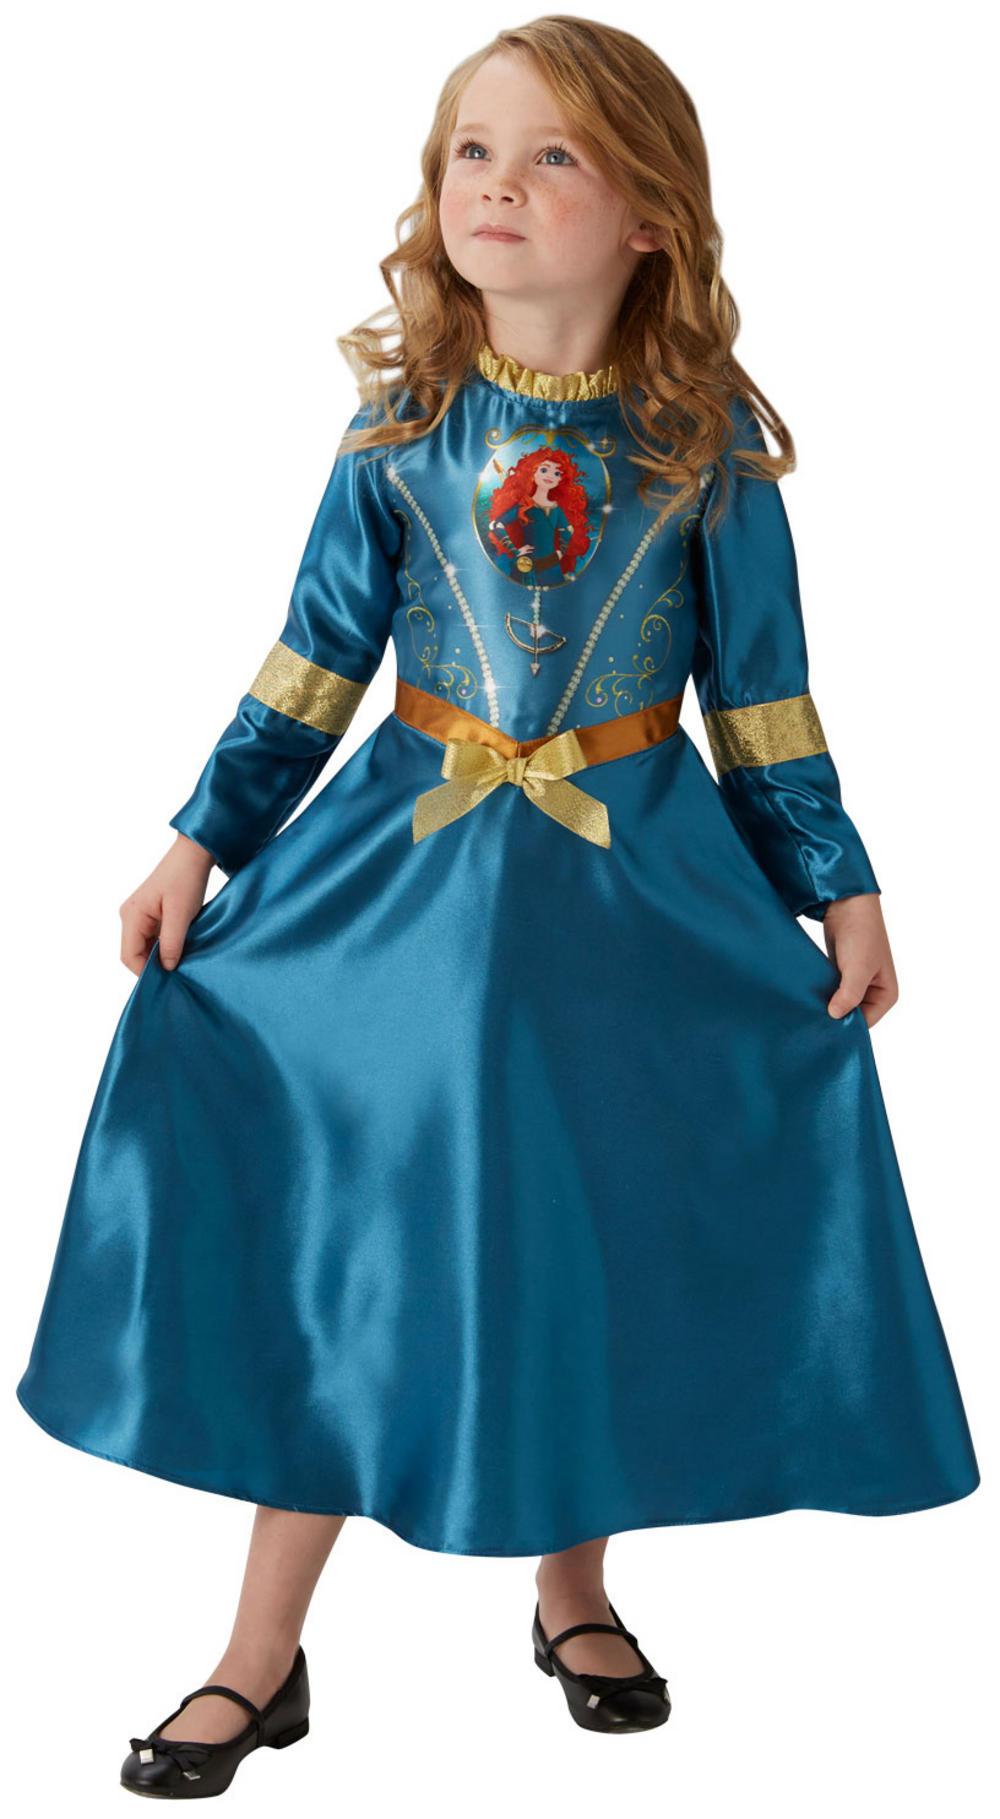 Fairytale Merida Girls Costume